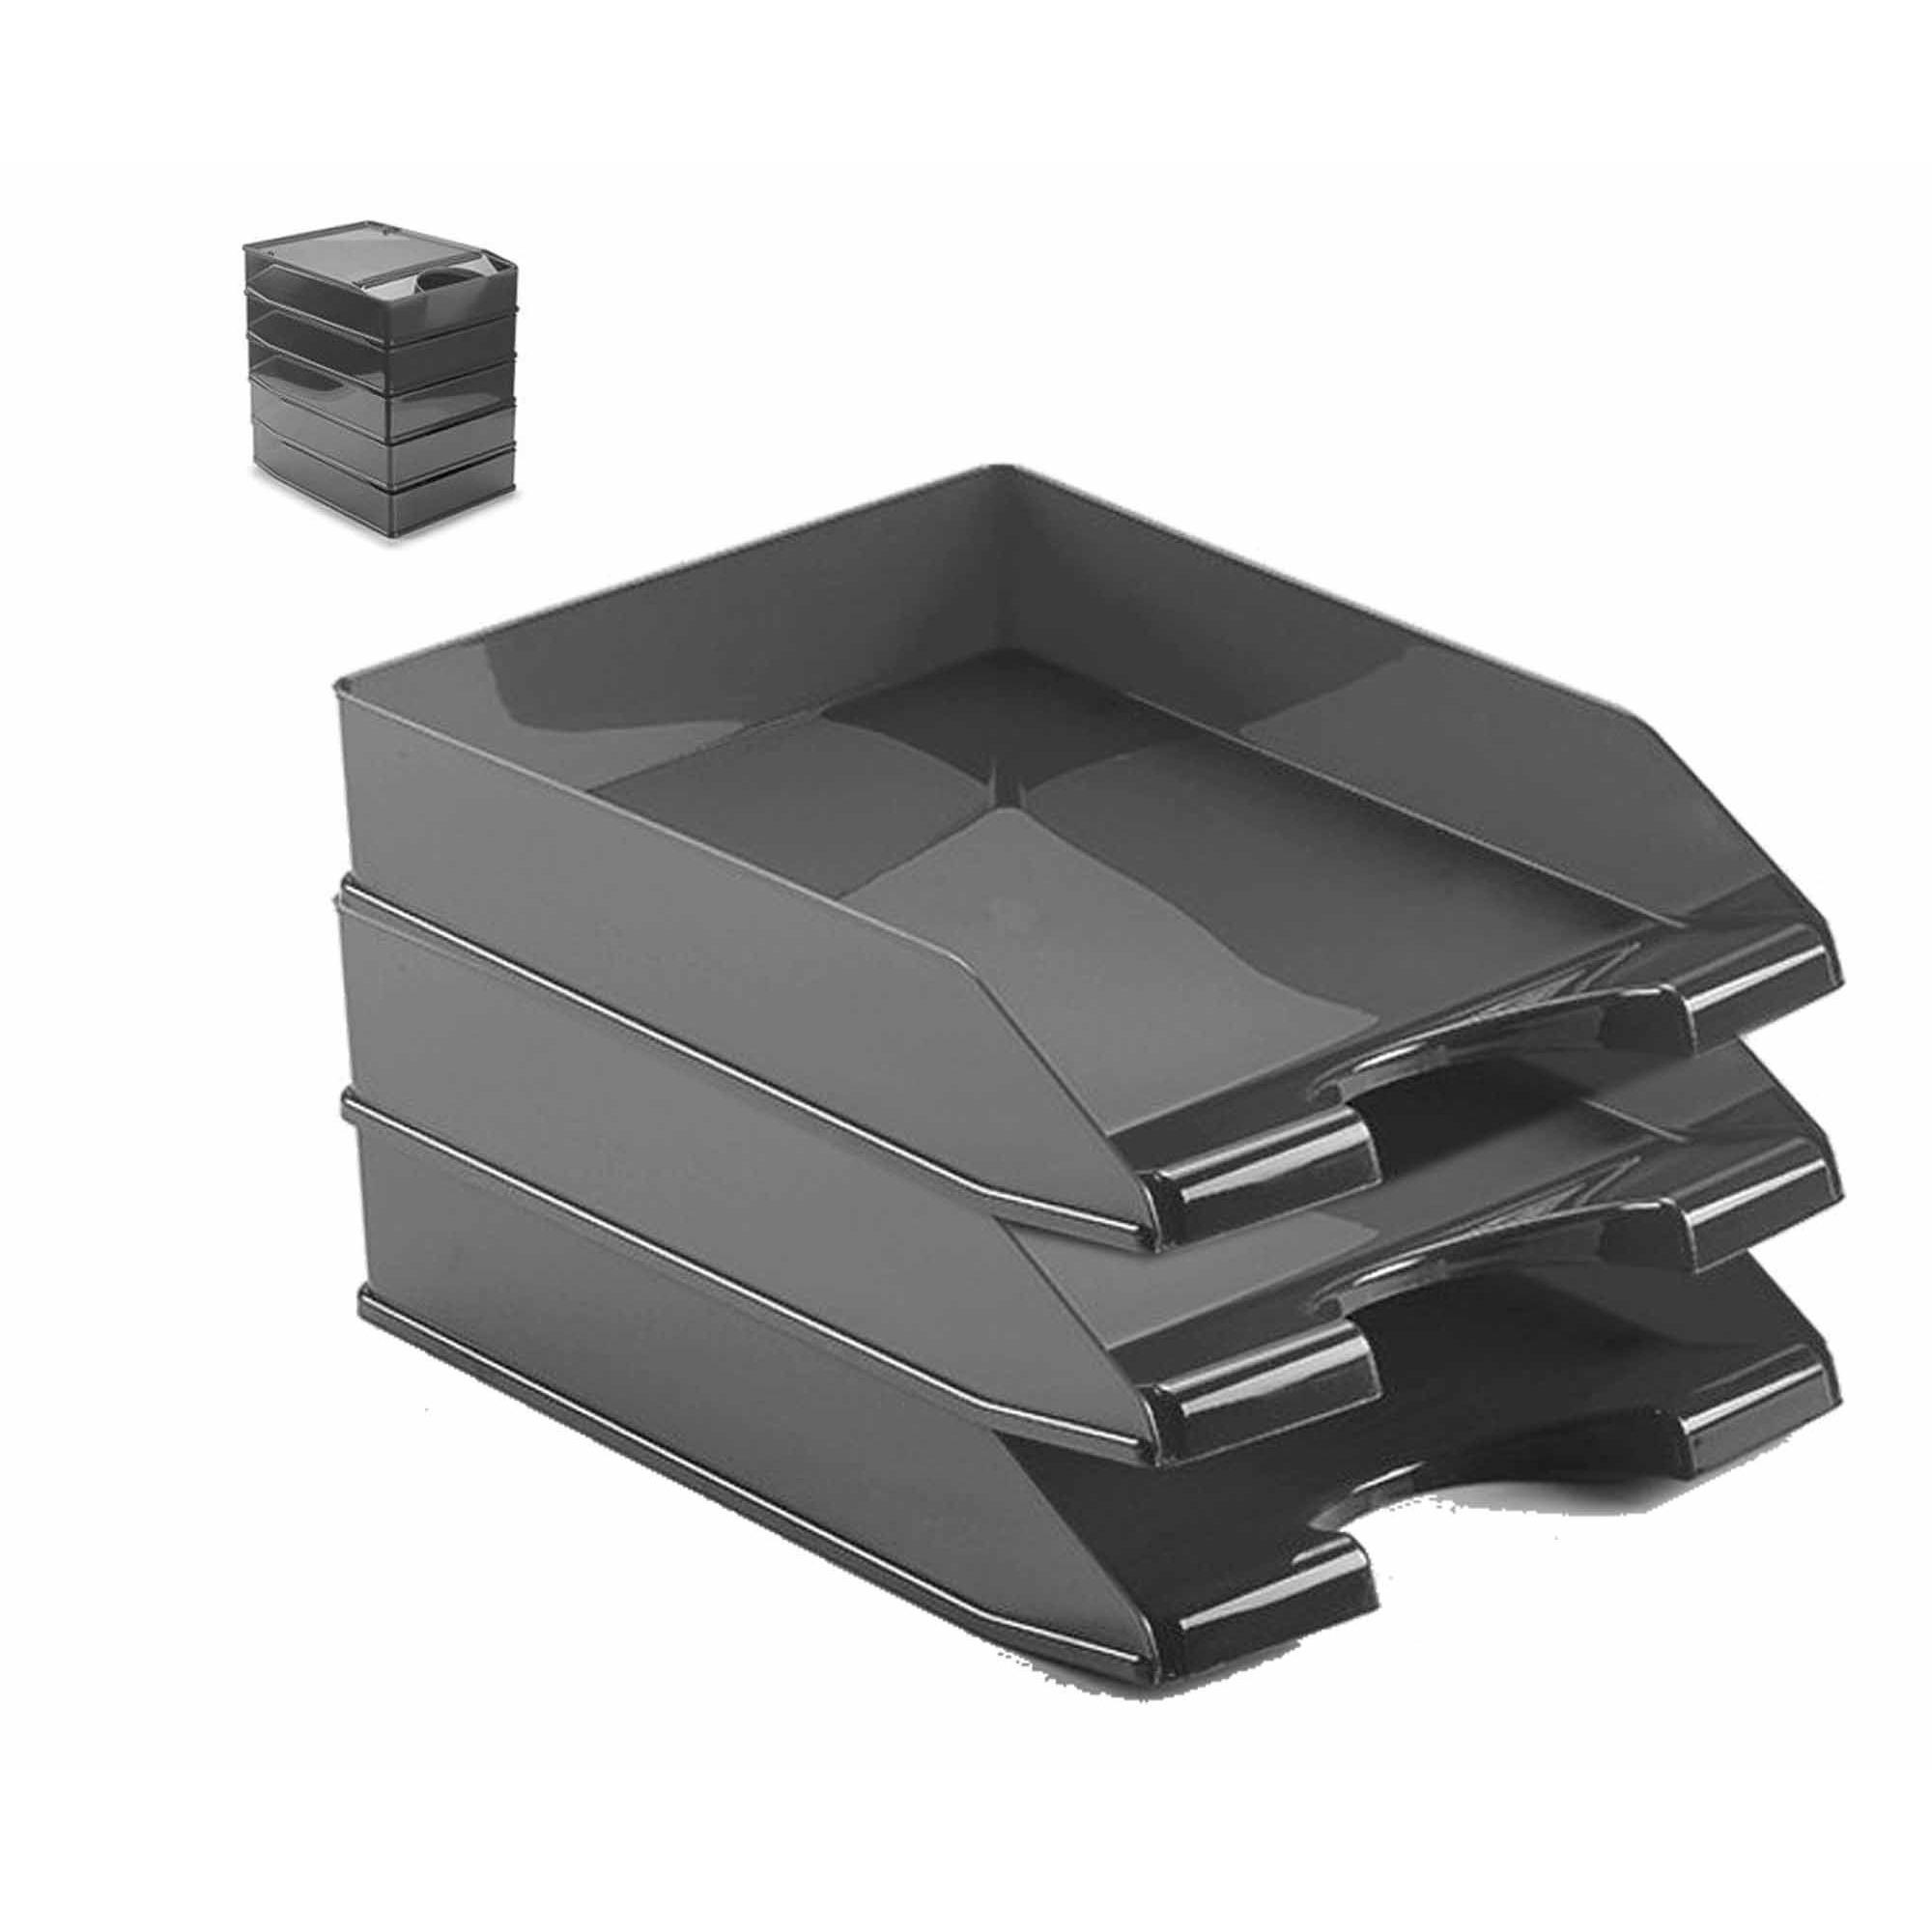 Pakket van 3x stuks postbakjejes zwart a4 formaat